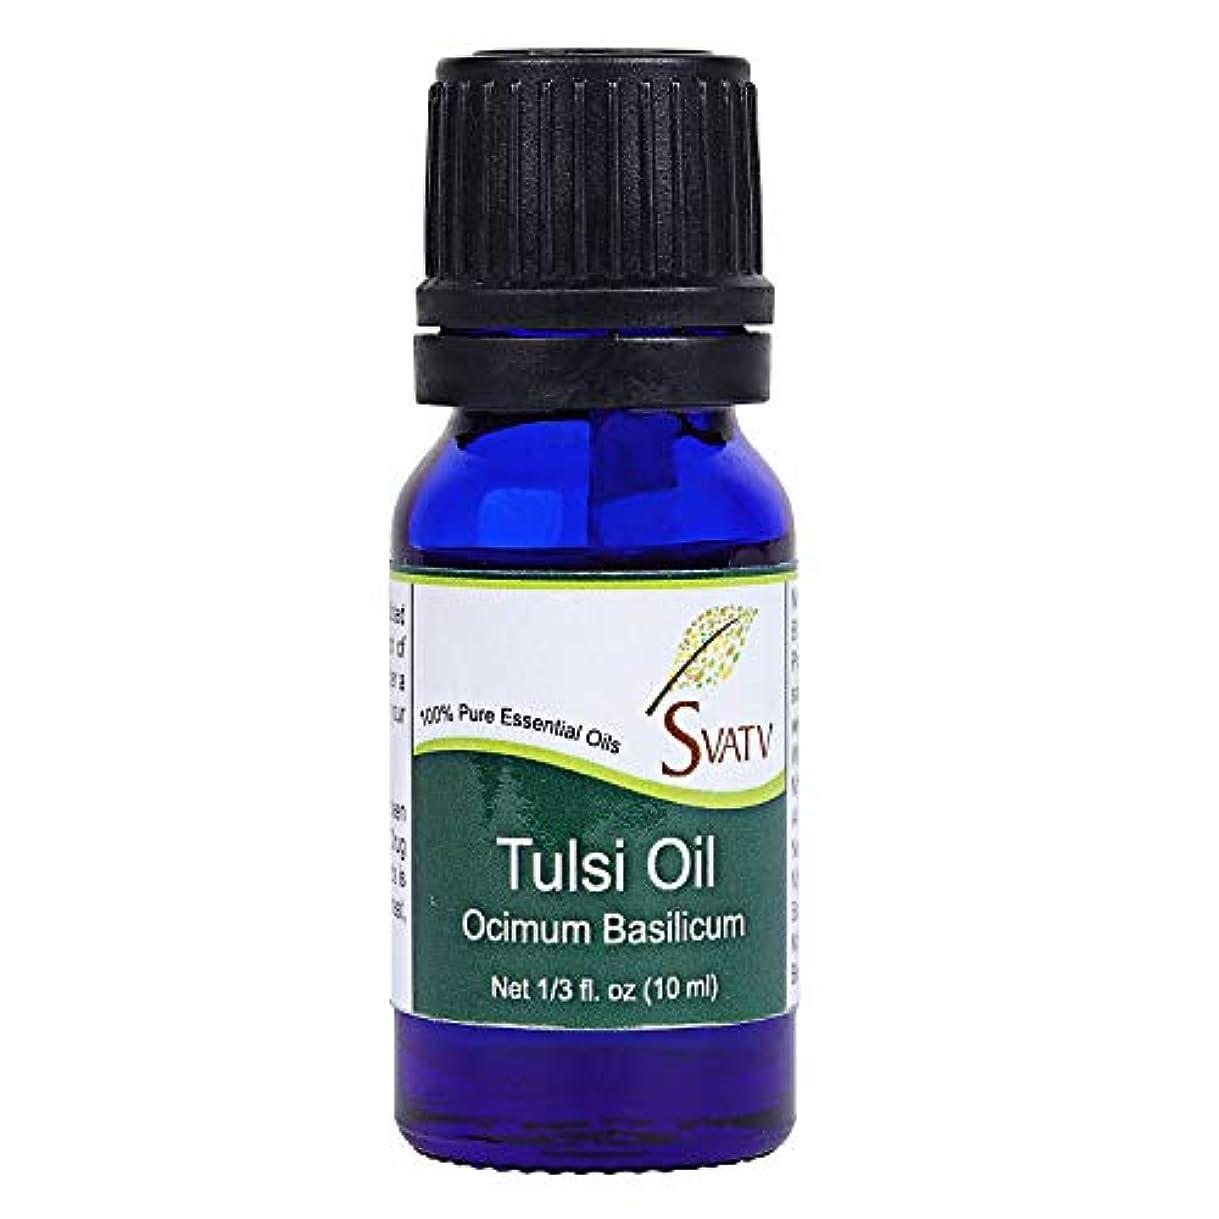 絶対の珍しい司書SVATV TULSI (ocimum Basilicum) Essential Oil 10 mL (1/3 oz) Therapeutic Grade Aromatherapy Essential Oil